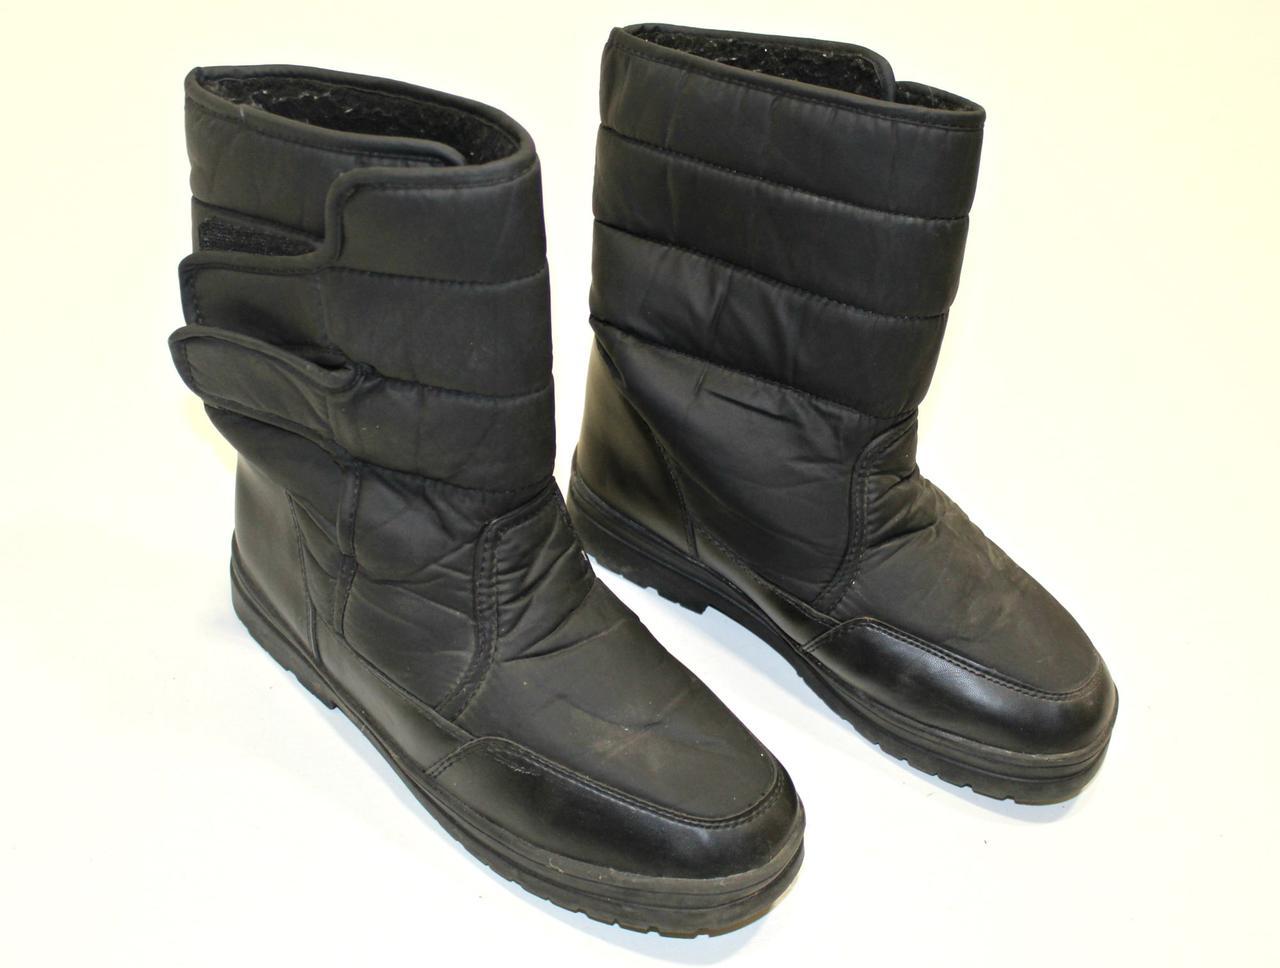 Секонд хенд обувь мужская спортивные ботики Германия Зима Оптом от 20 кг